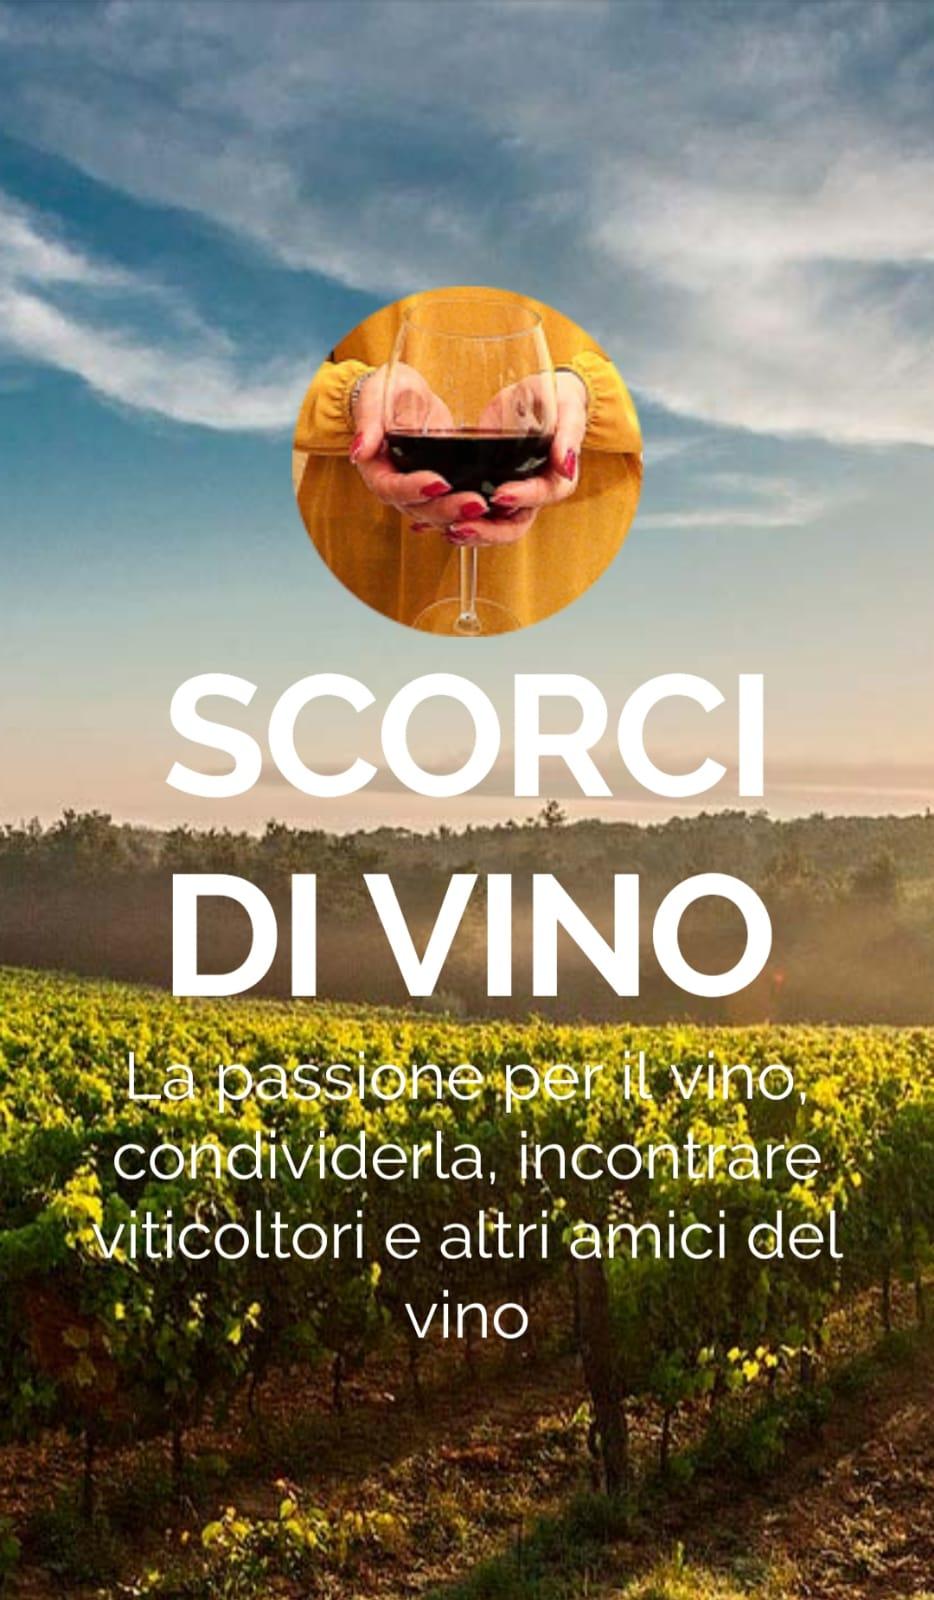 Scorci di vino - Terre di Levanto